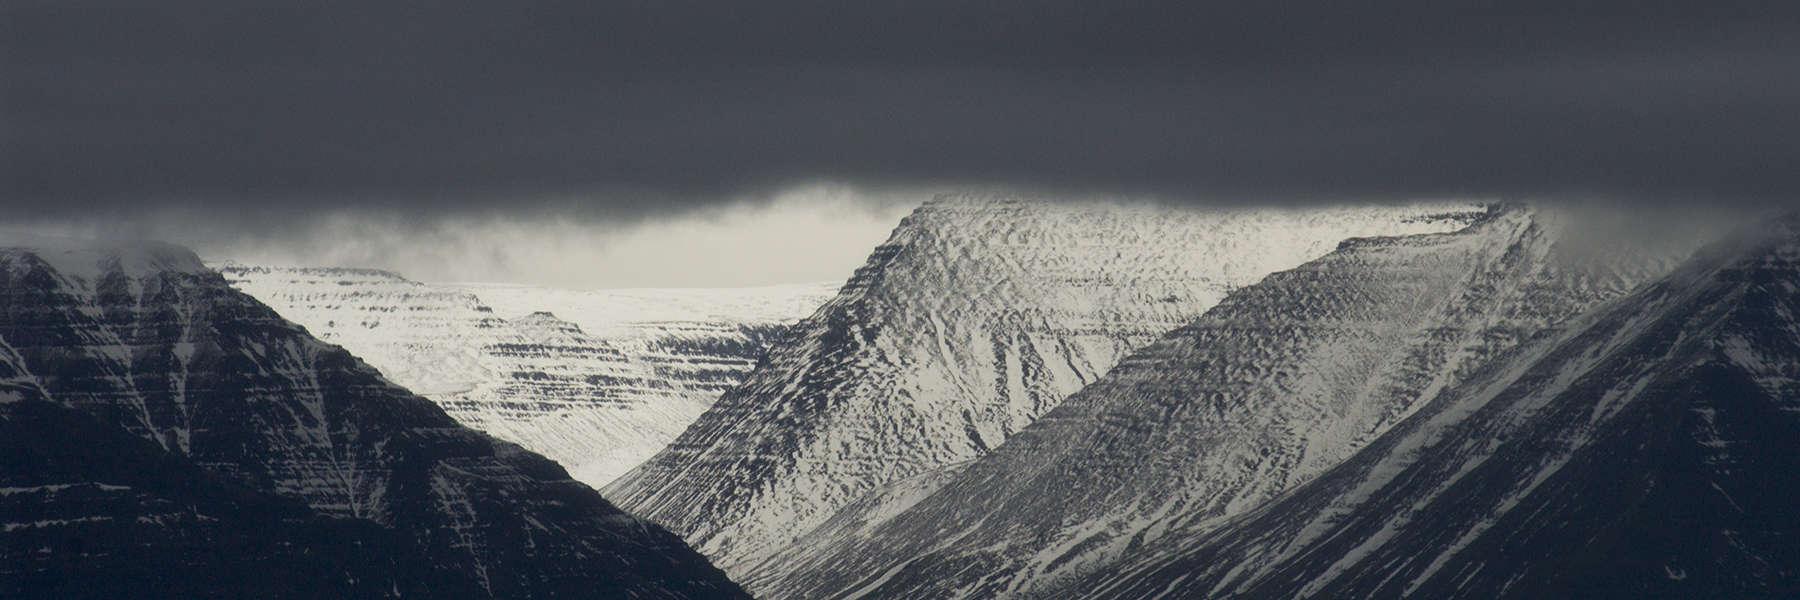 Blönduhlíðarfjöll, Iceland